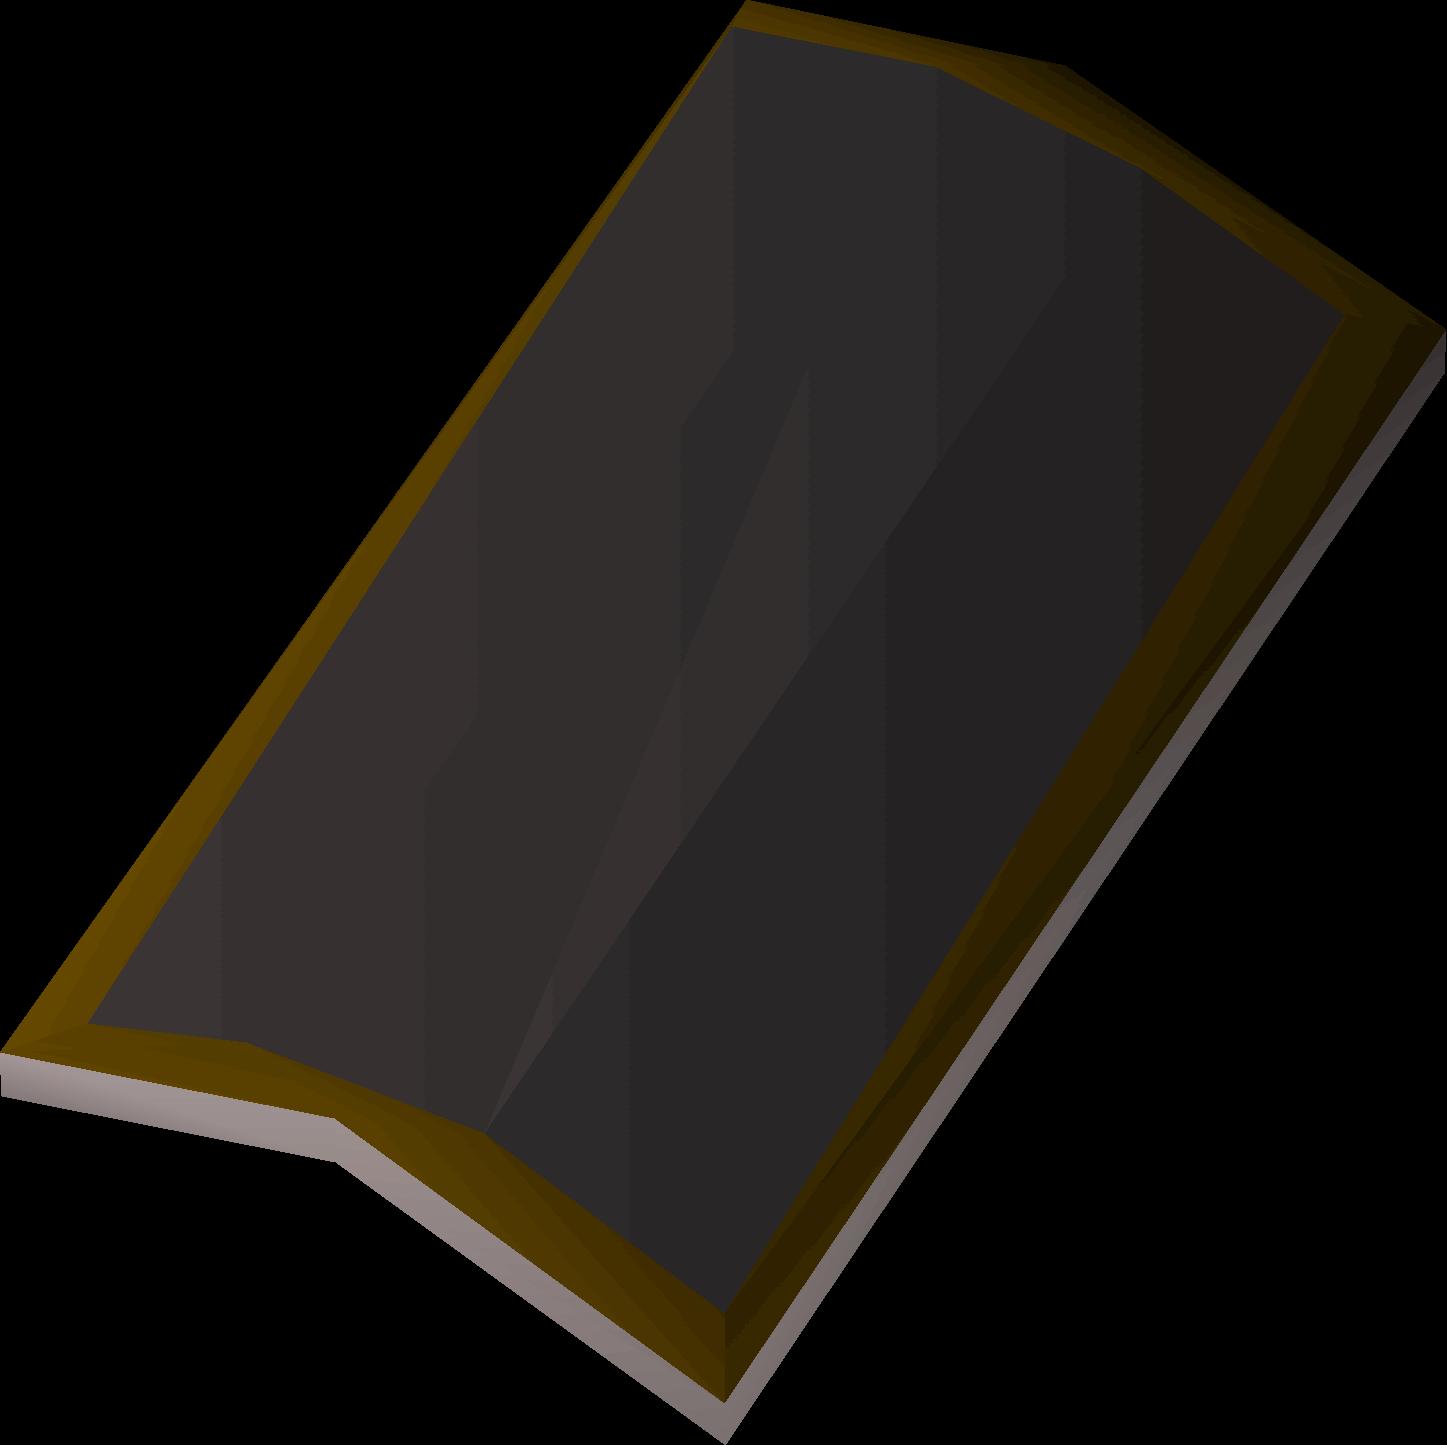 Black sq shield